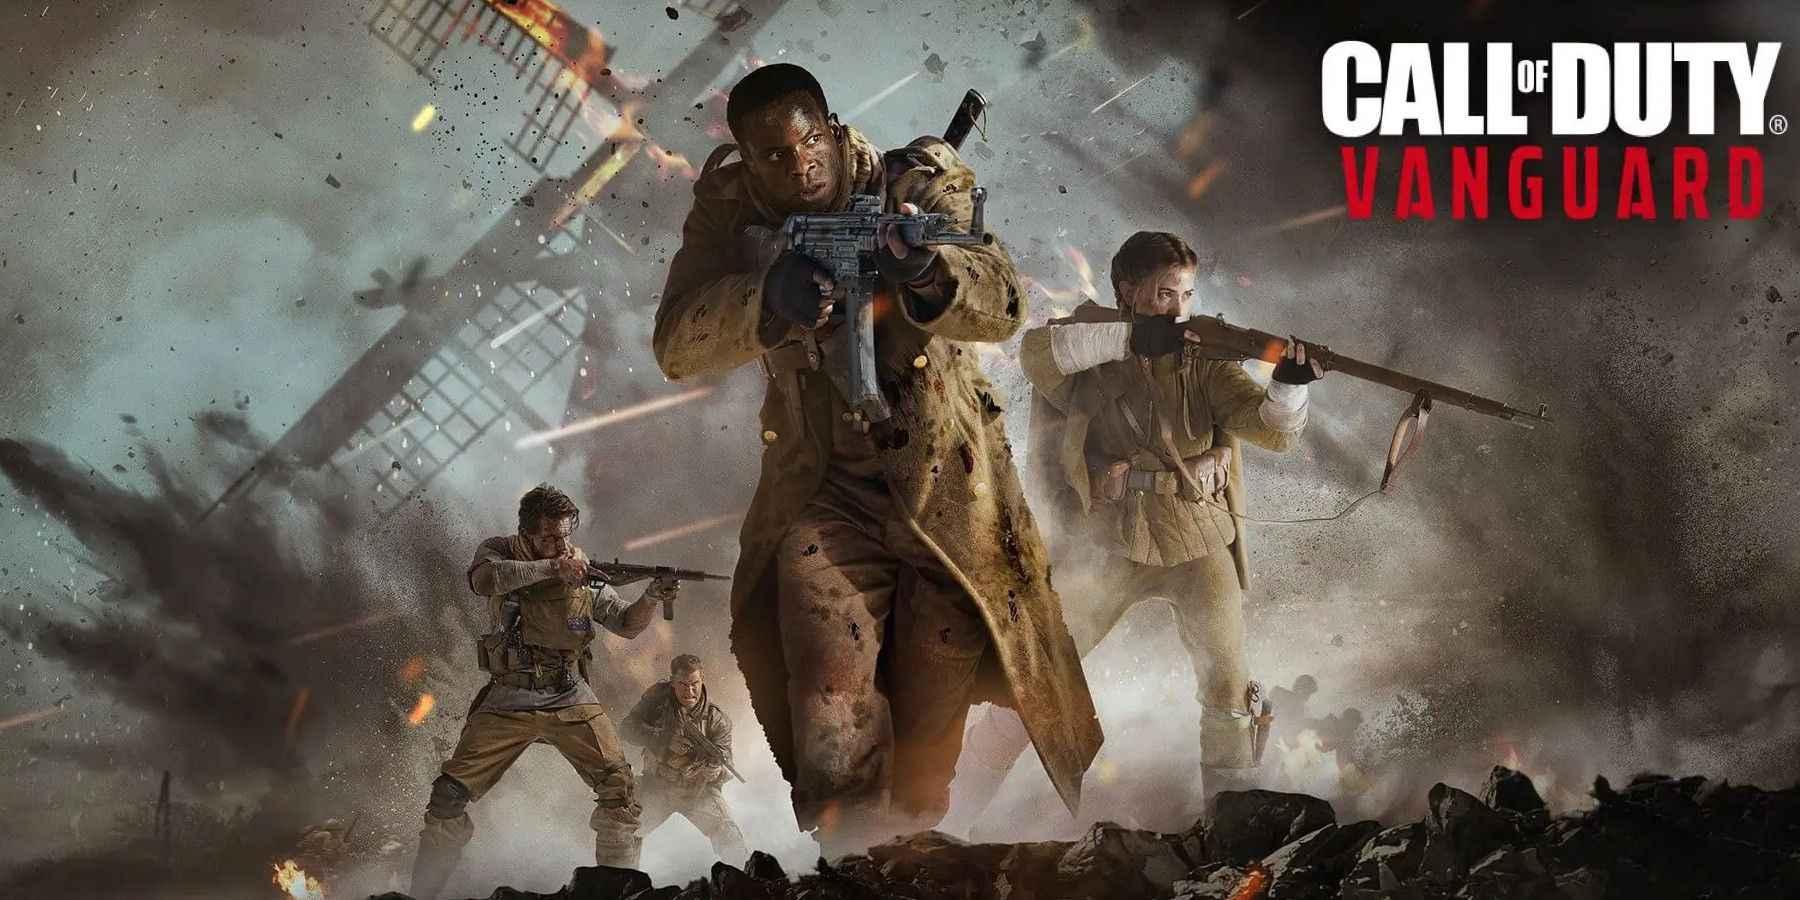 نیم نگاه؛ هر آنچه از بتای بازی Call of Duty: Vanguard میدانیم